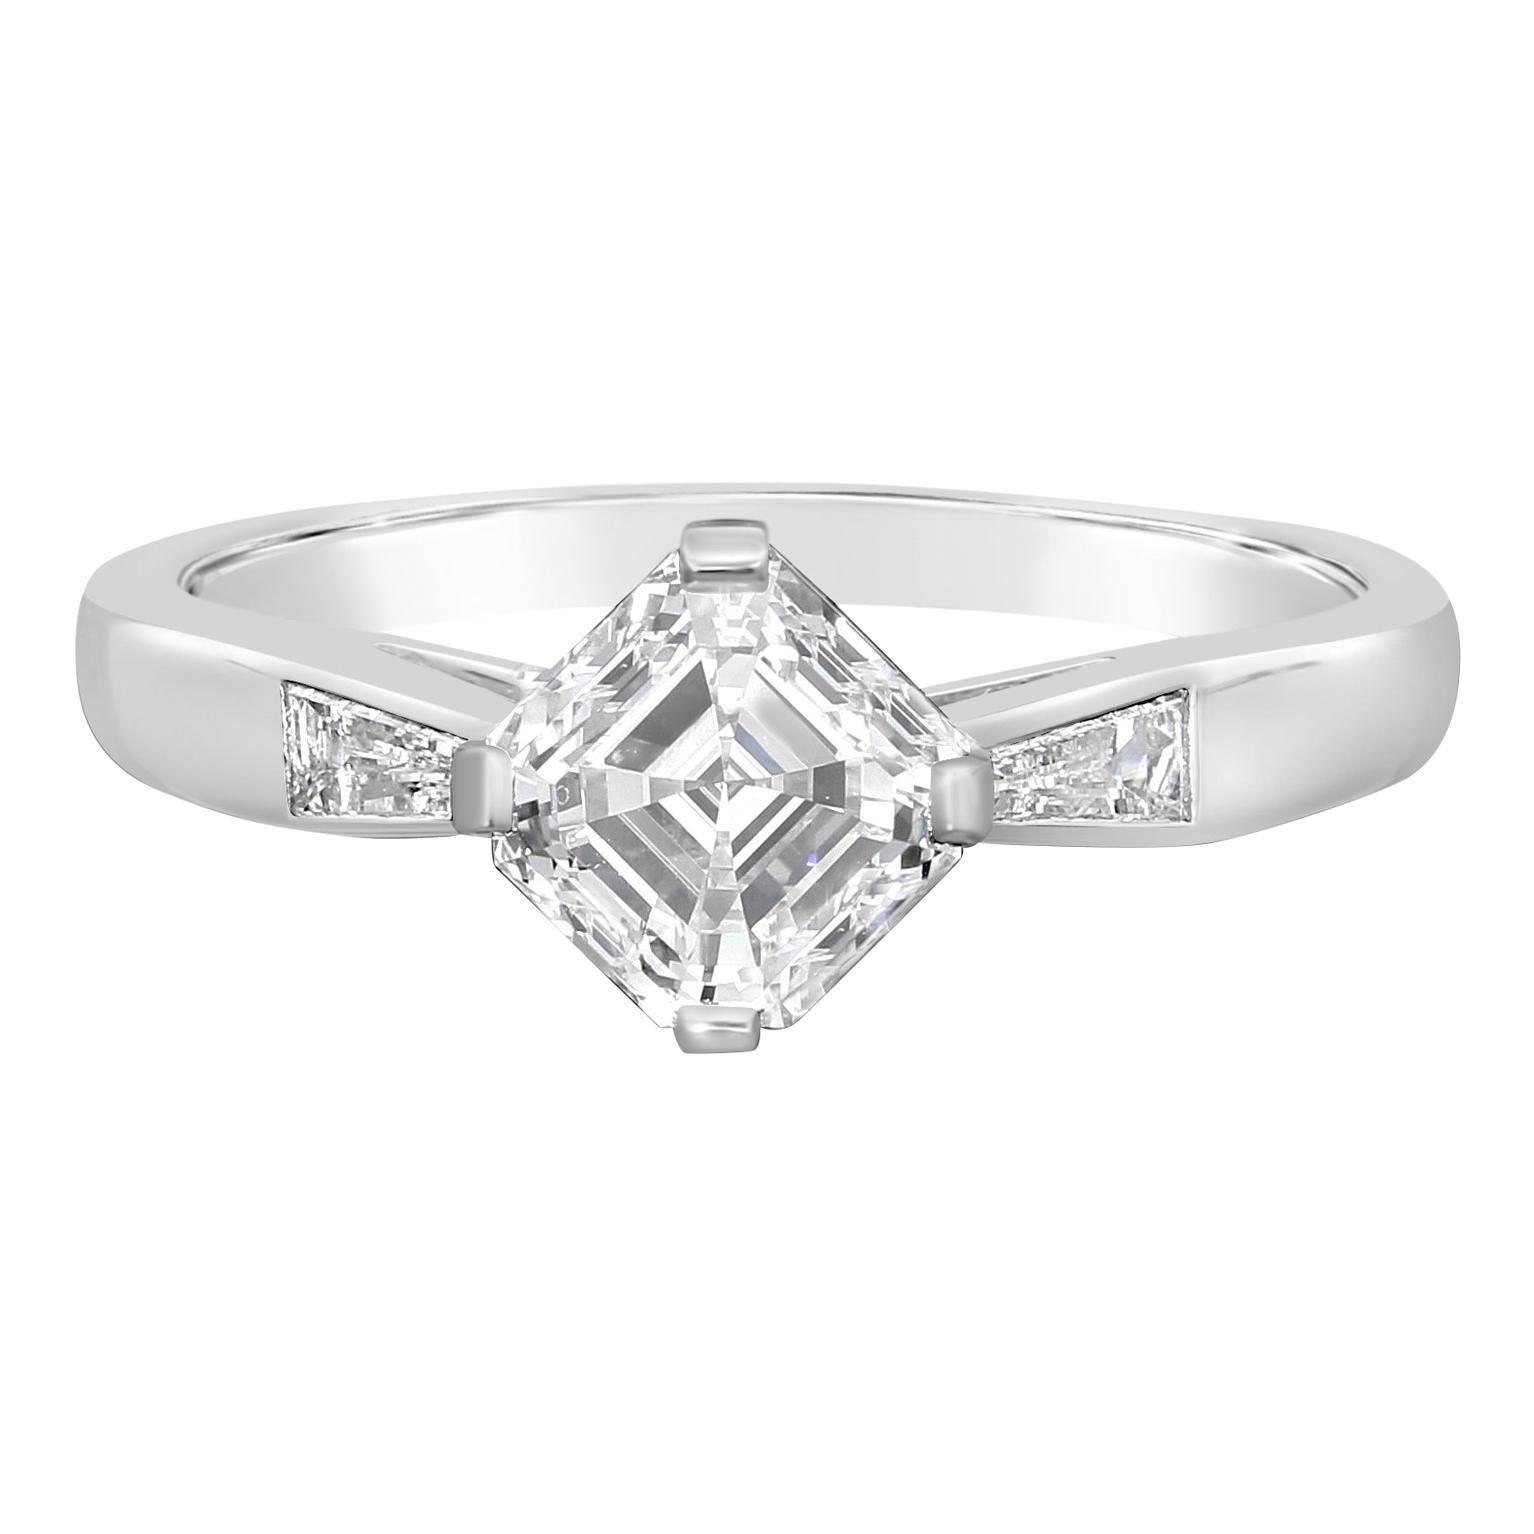 Hancocks 1.21 Carat F VVS2 Vintage Asscher Cut Diamond Platinum Solitaire Ring